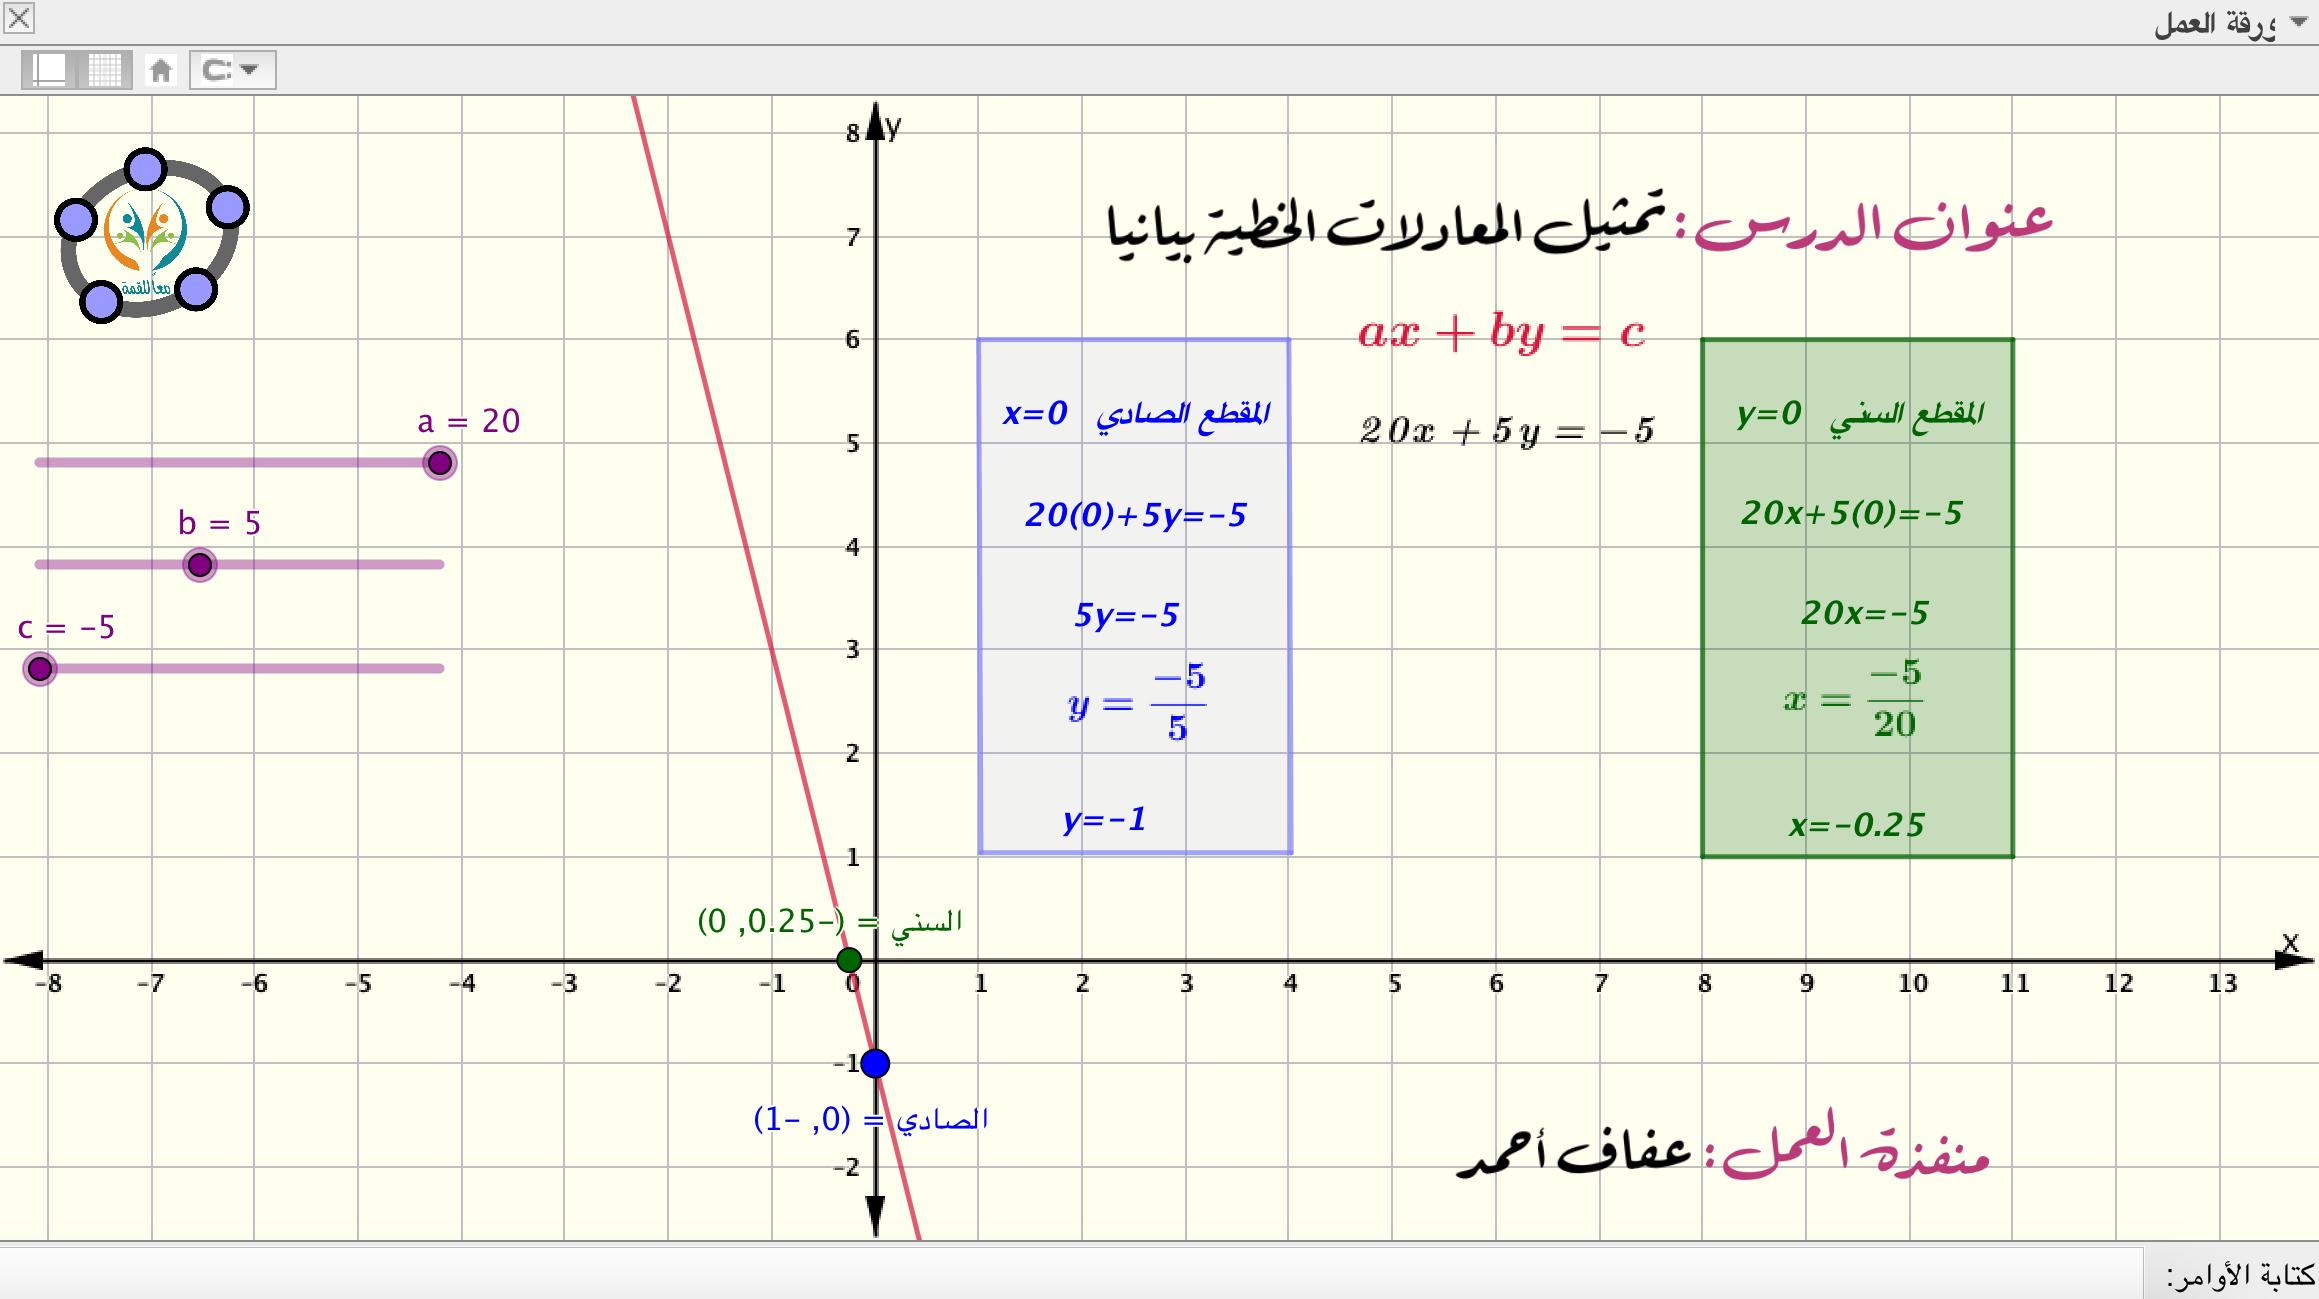 تمثيل المعادلات الخطية بيانيا